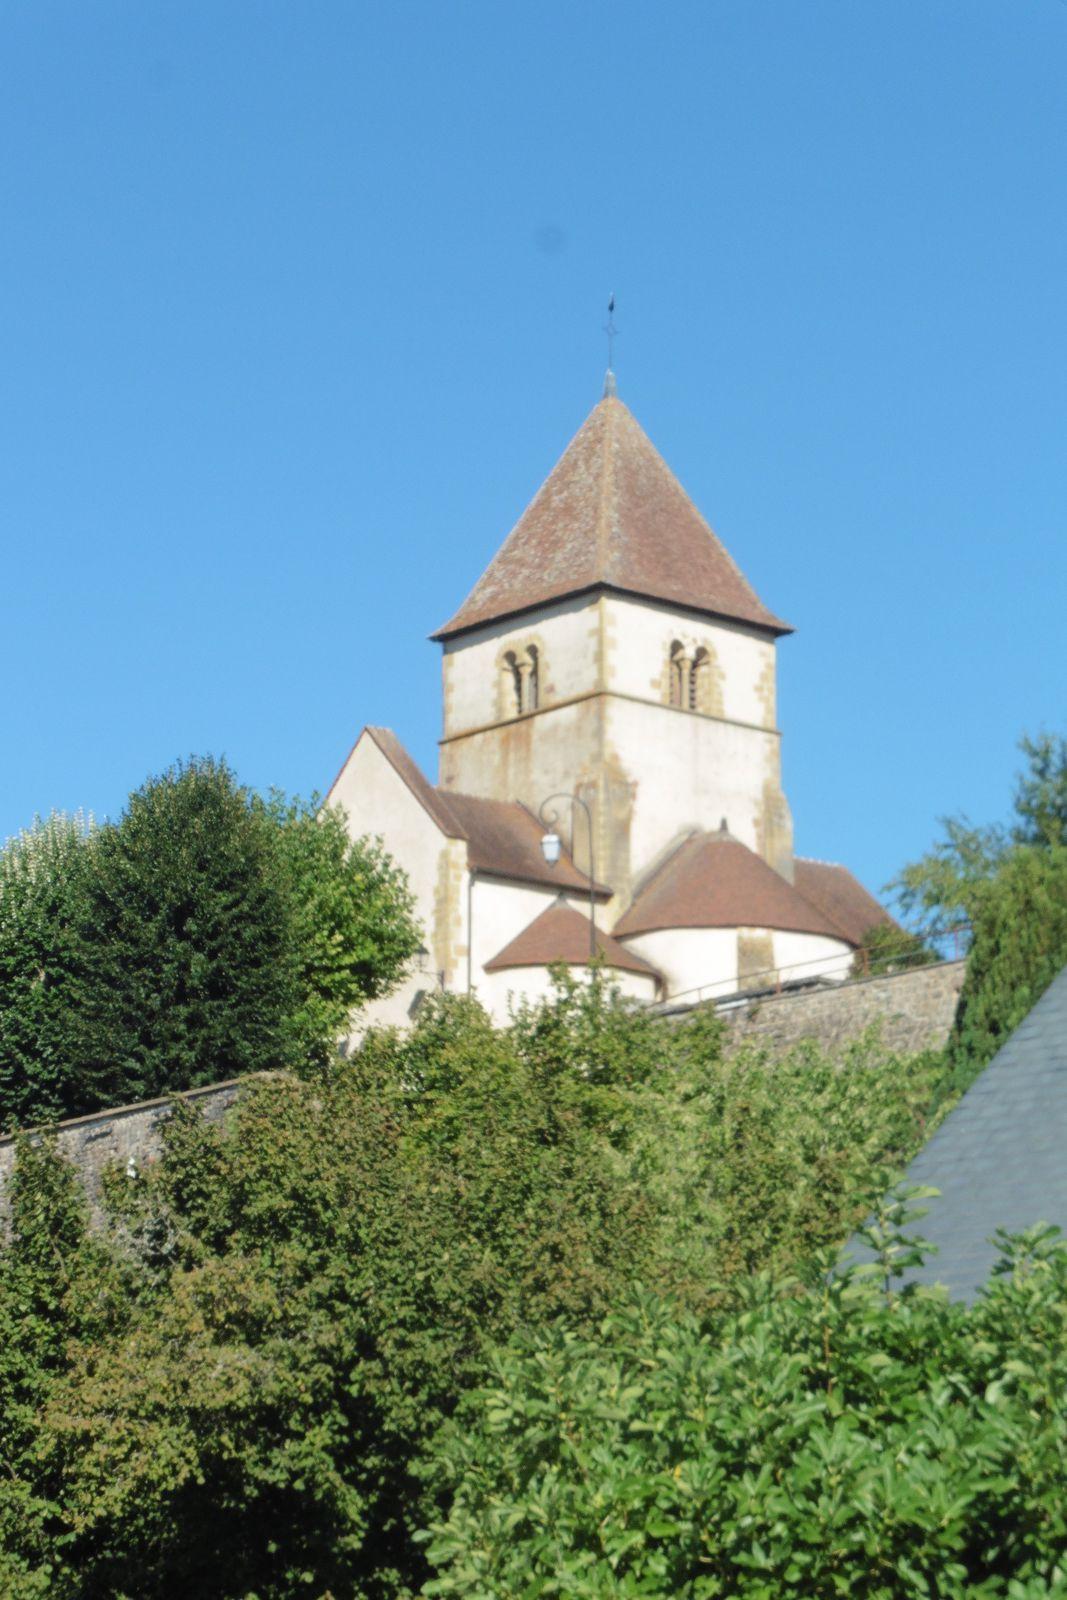 Le Tour de Bourgogne - Etape 8 - Cercy-la-tour/Ruages - 76,7 km